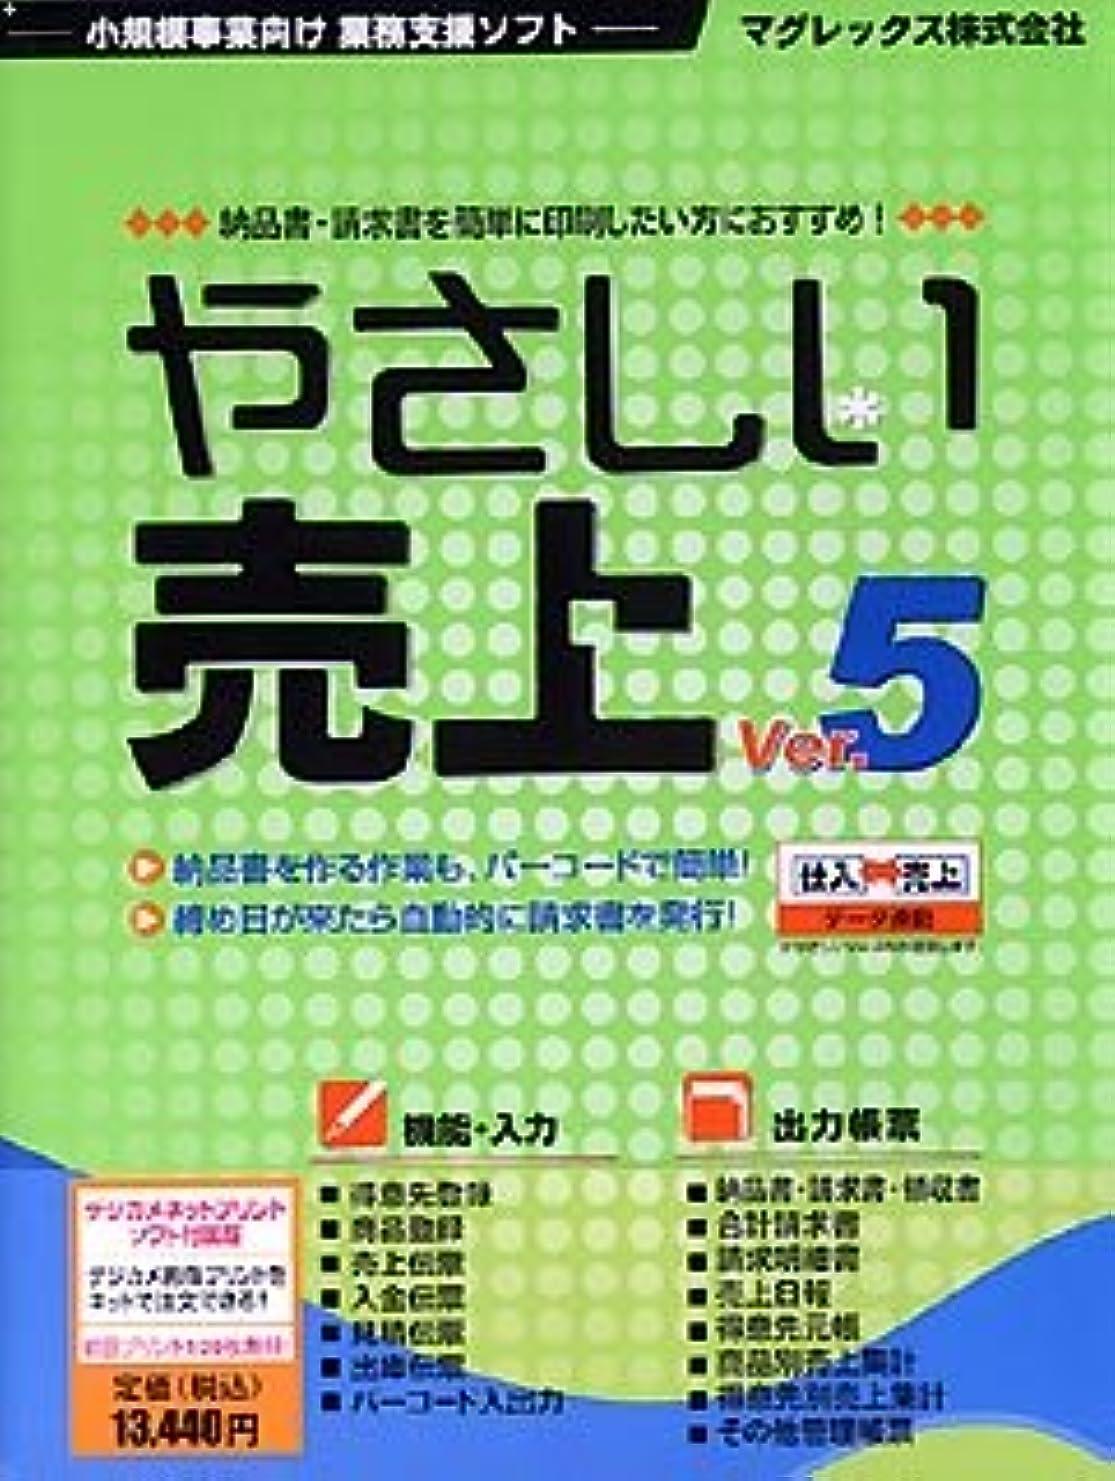 発送ペパーミント大工やさしい売上 Ver.5 デジカメネットプリント付属版